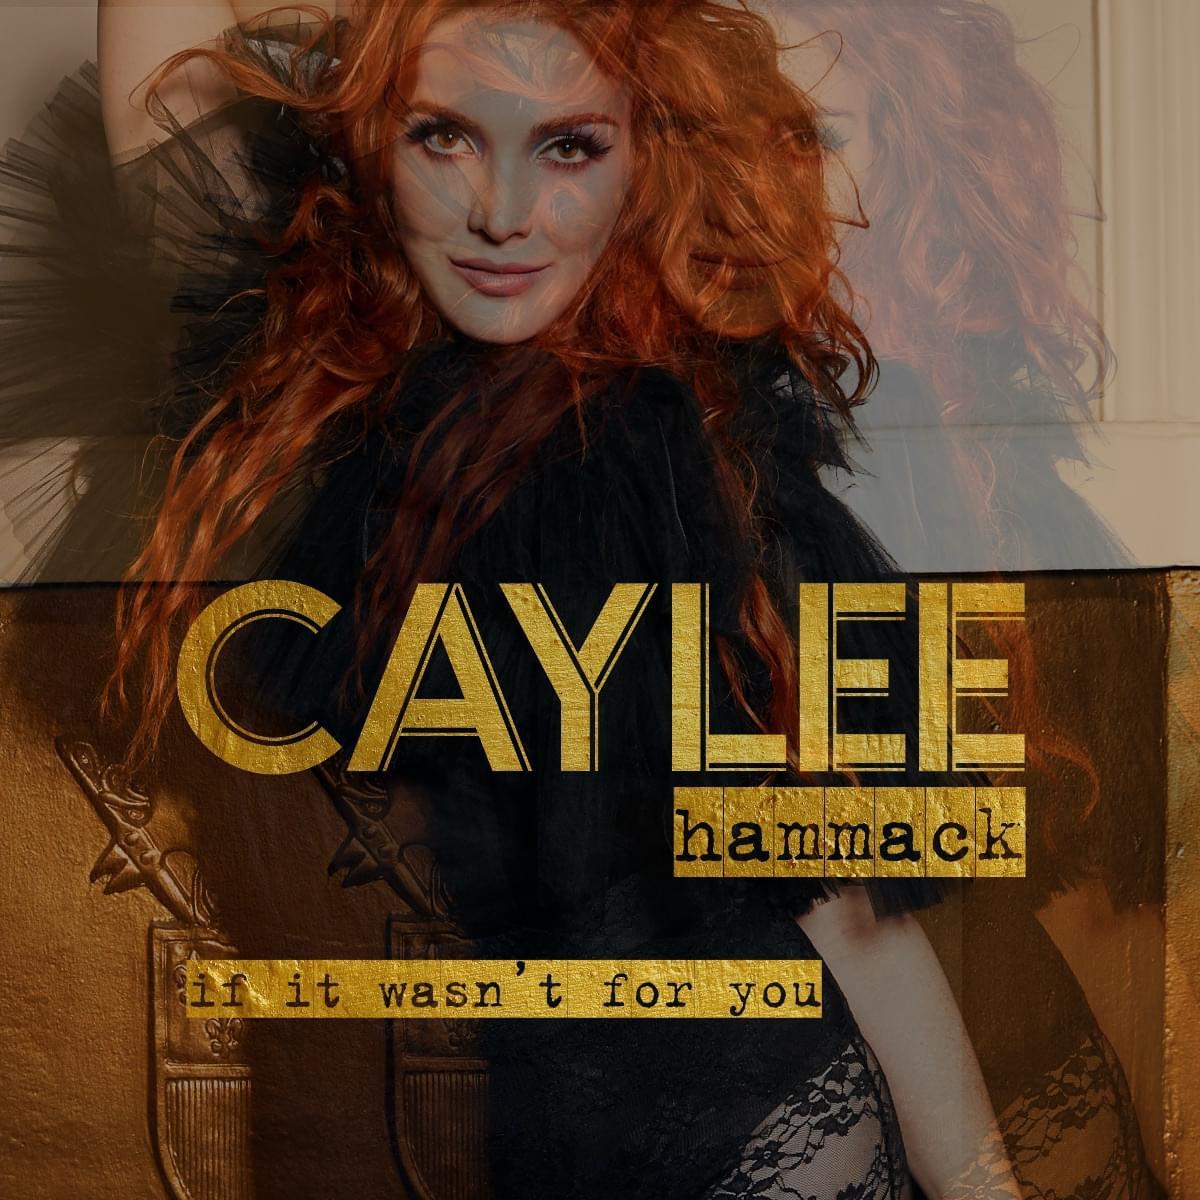 Caylee